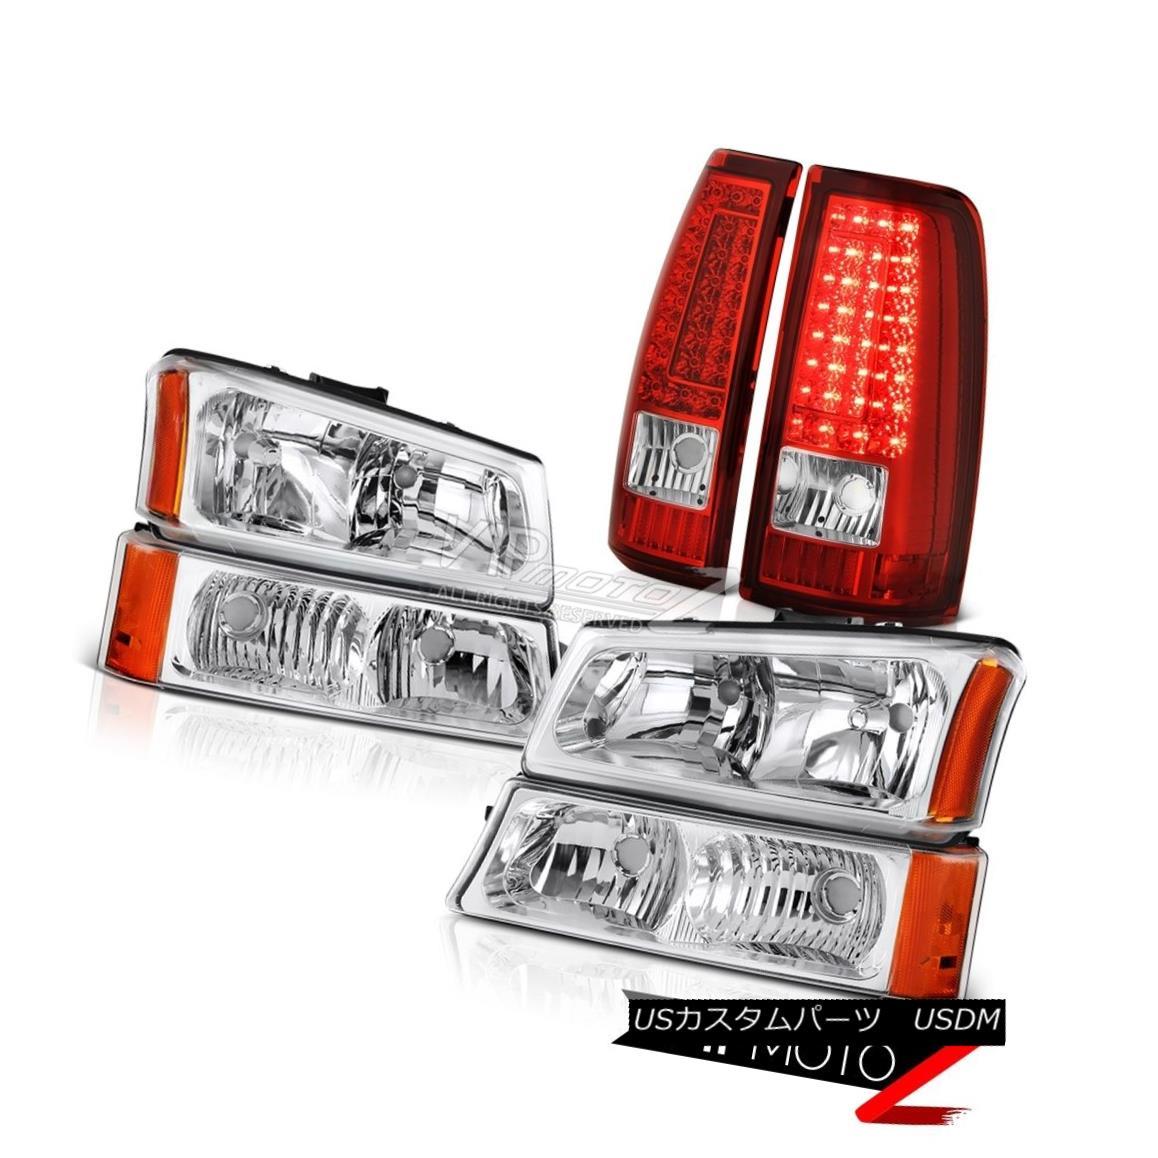 ヘッドライト 2003-2006 Chevy Silverado 2500Hd Taillamps Euro Clear Headlamps